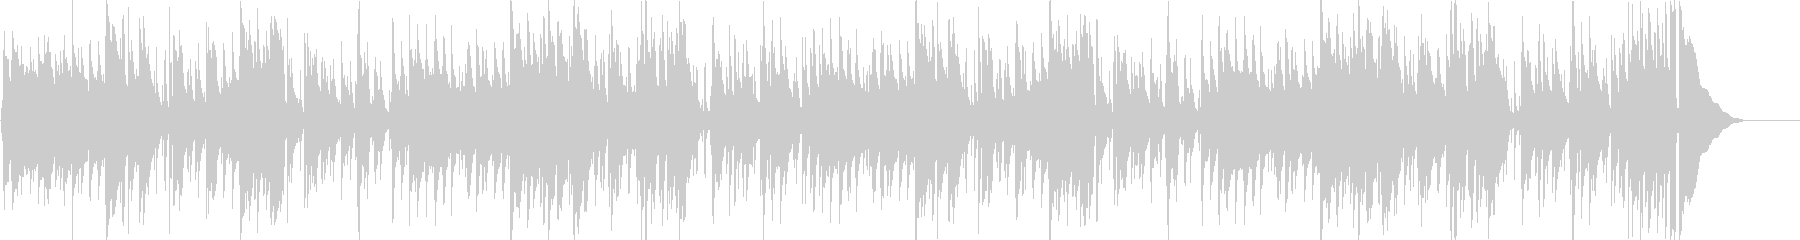 アコギによるスタンダートなブルースの未再生の波形